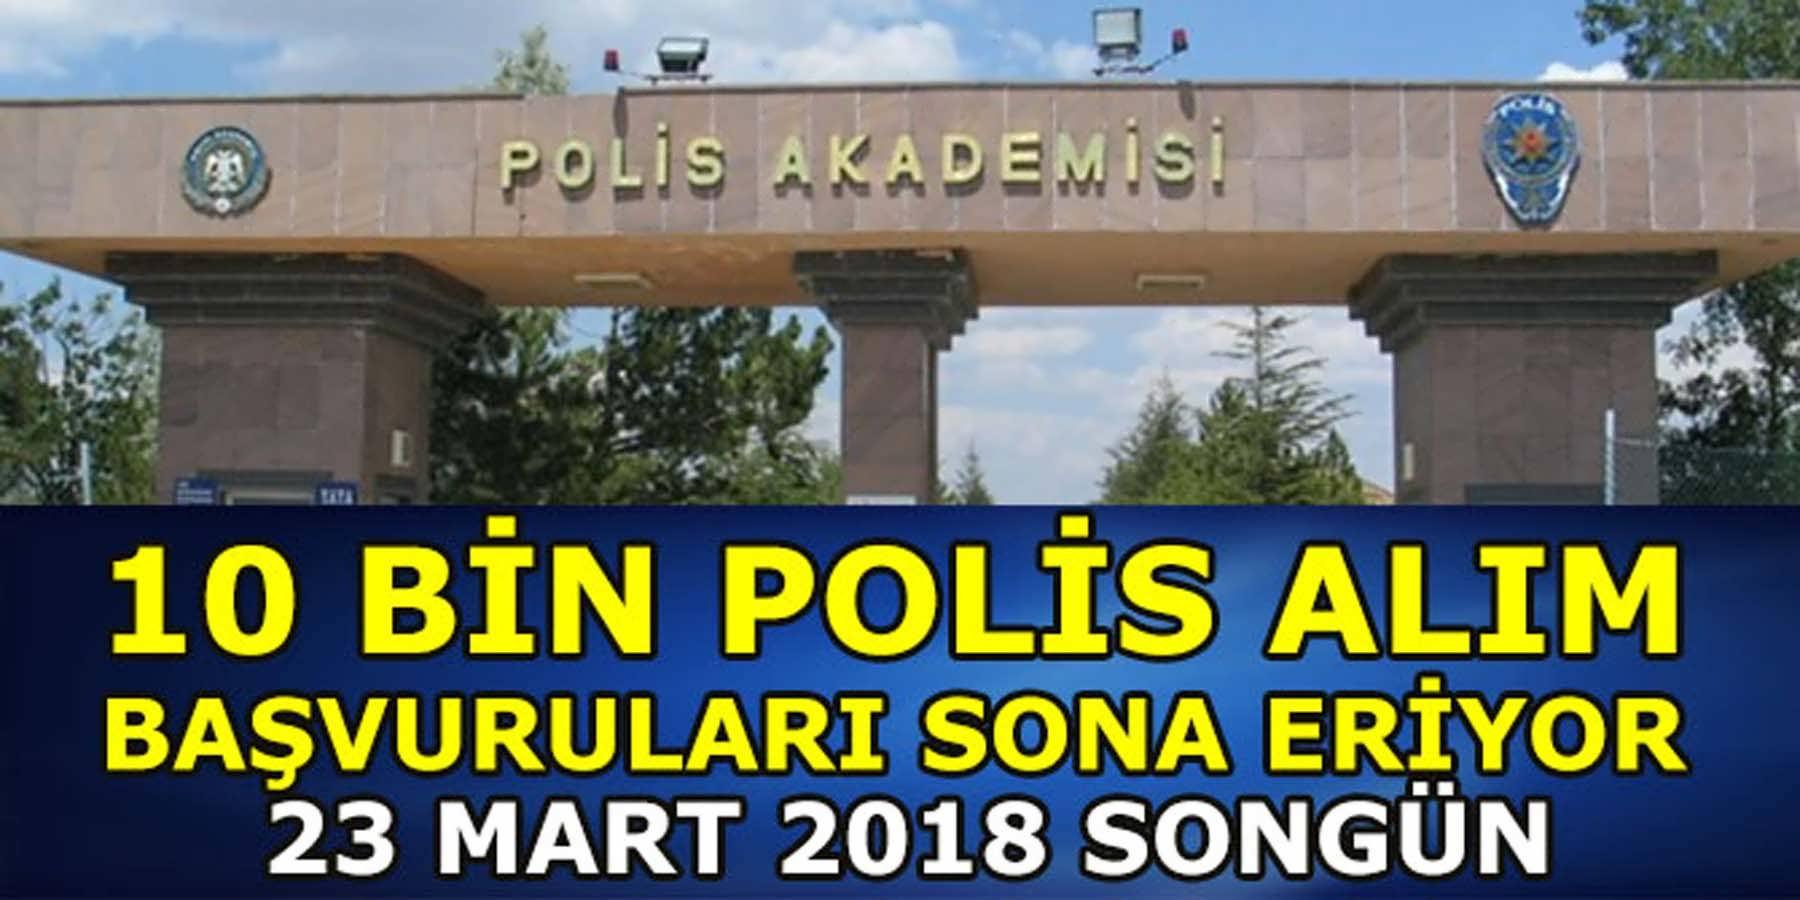 POMEM 10 Bin Polis Alımı 23 Mart 2018 de Sona Eriyor